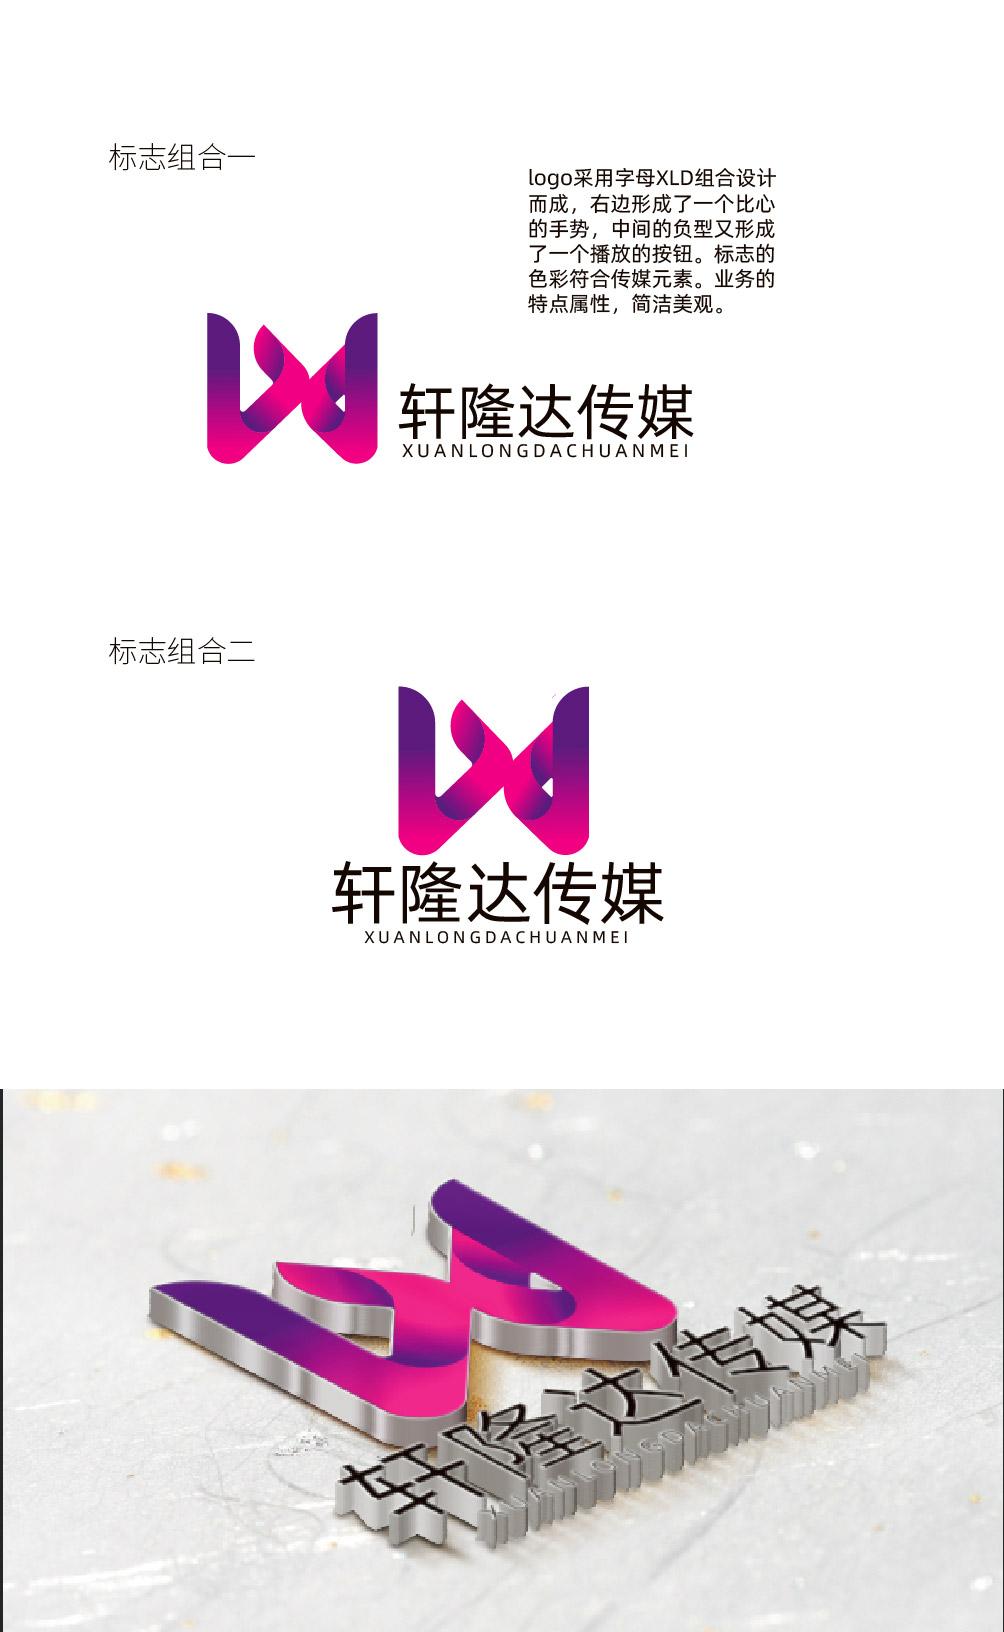 轩隆达传媒logo设计_3032838_k68威客网